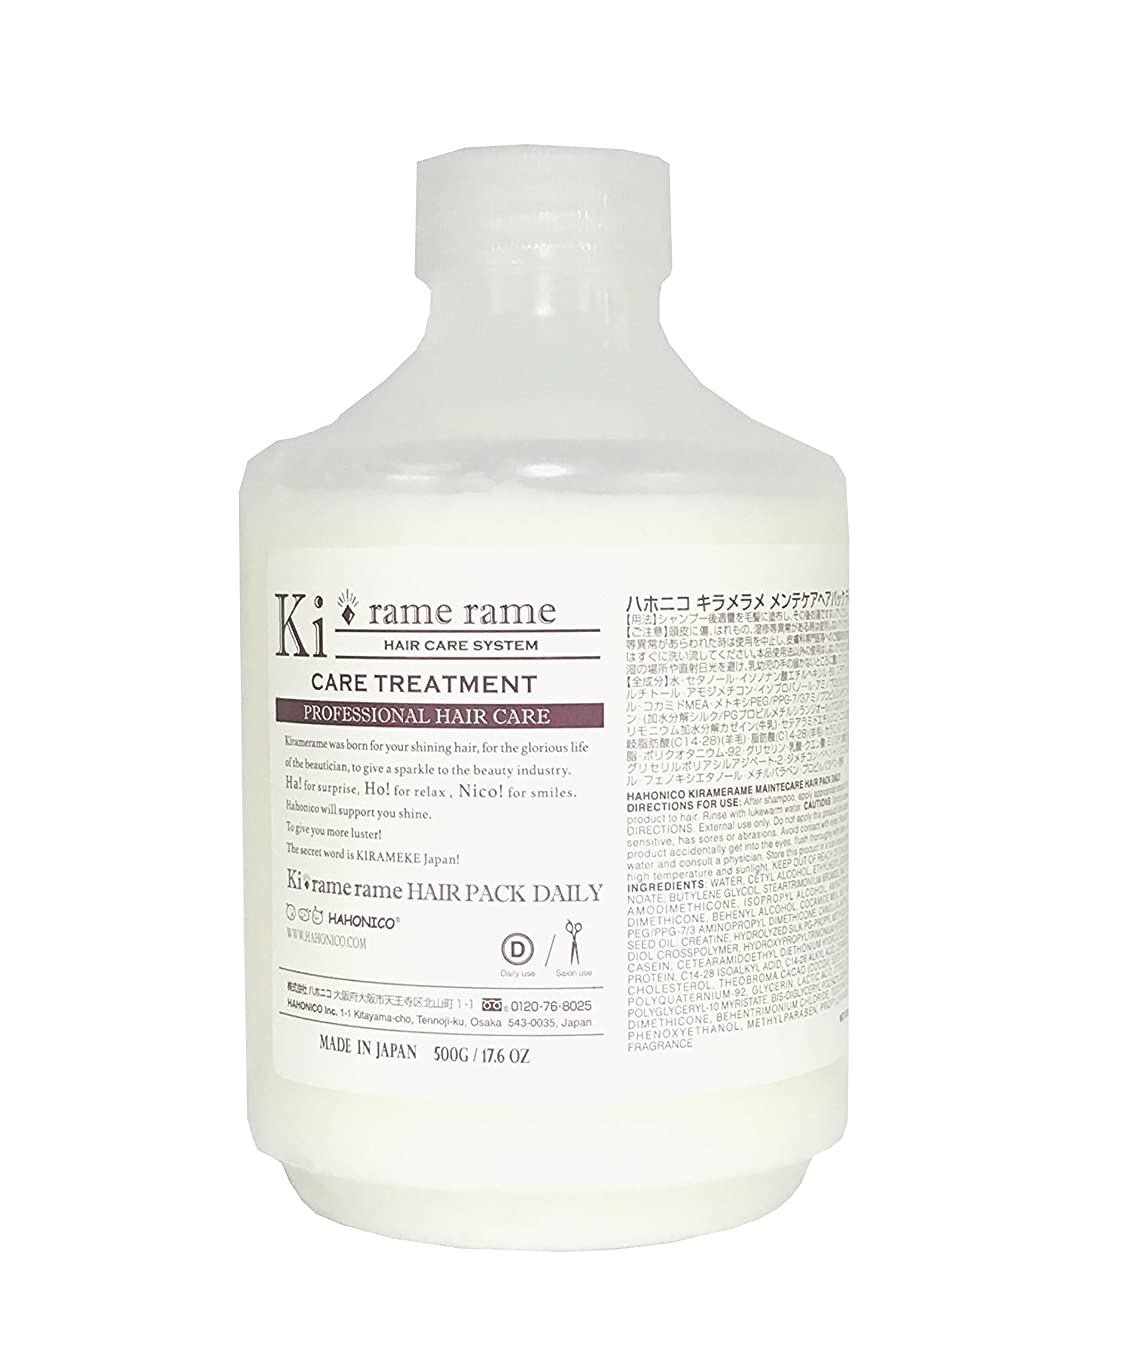 化学薬品ネコアサートハホニコ キラメラメ メンテケアヘアパックデイリー 500g